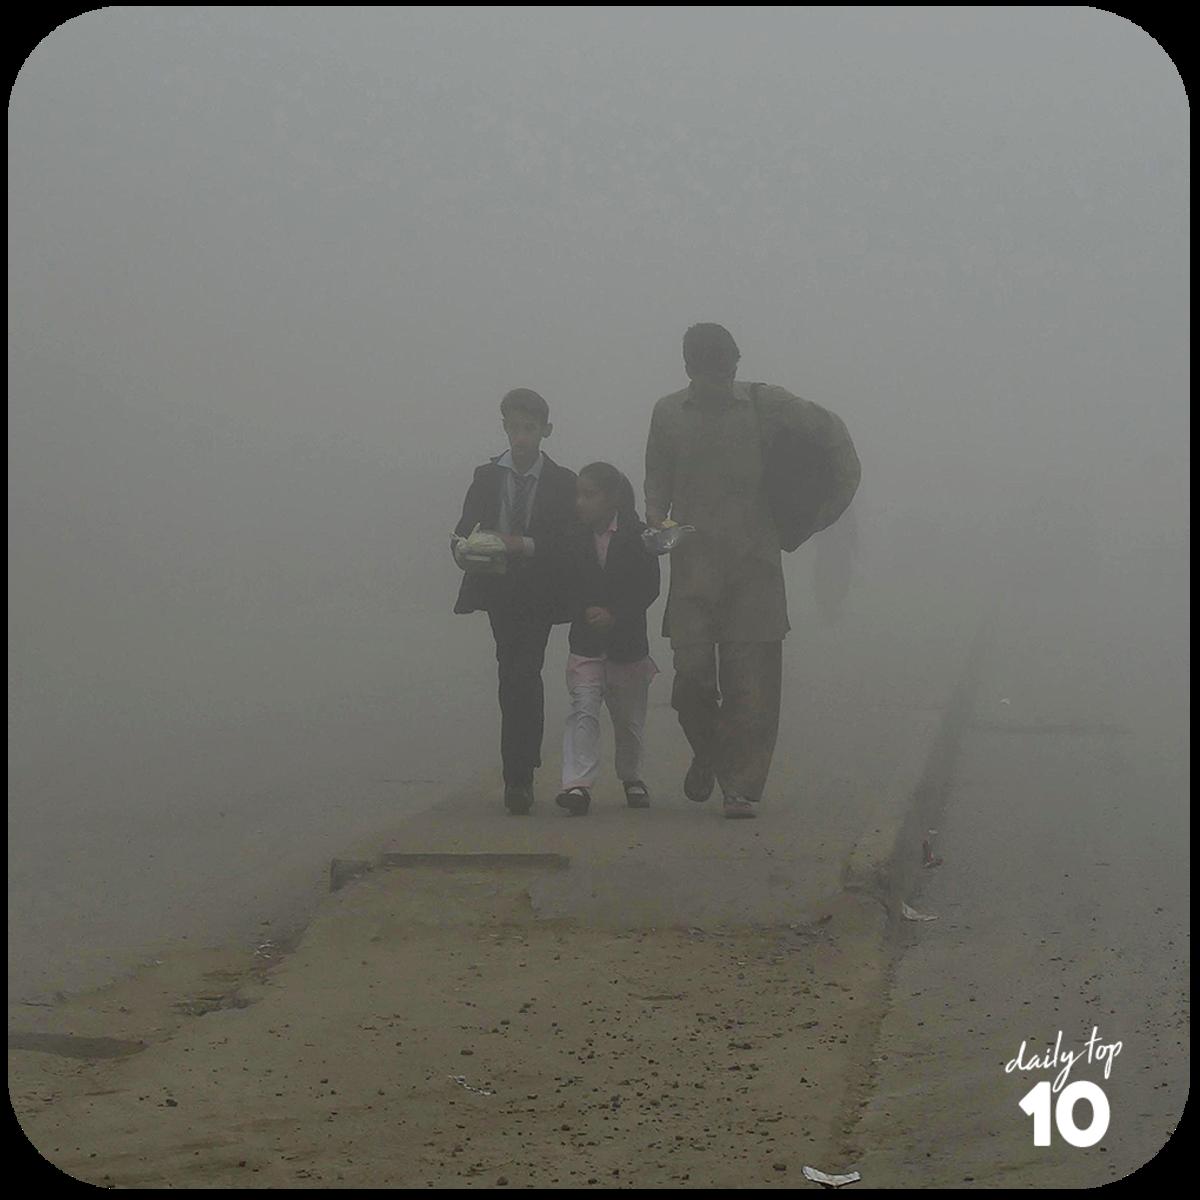 A family walks their way through a smog.